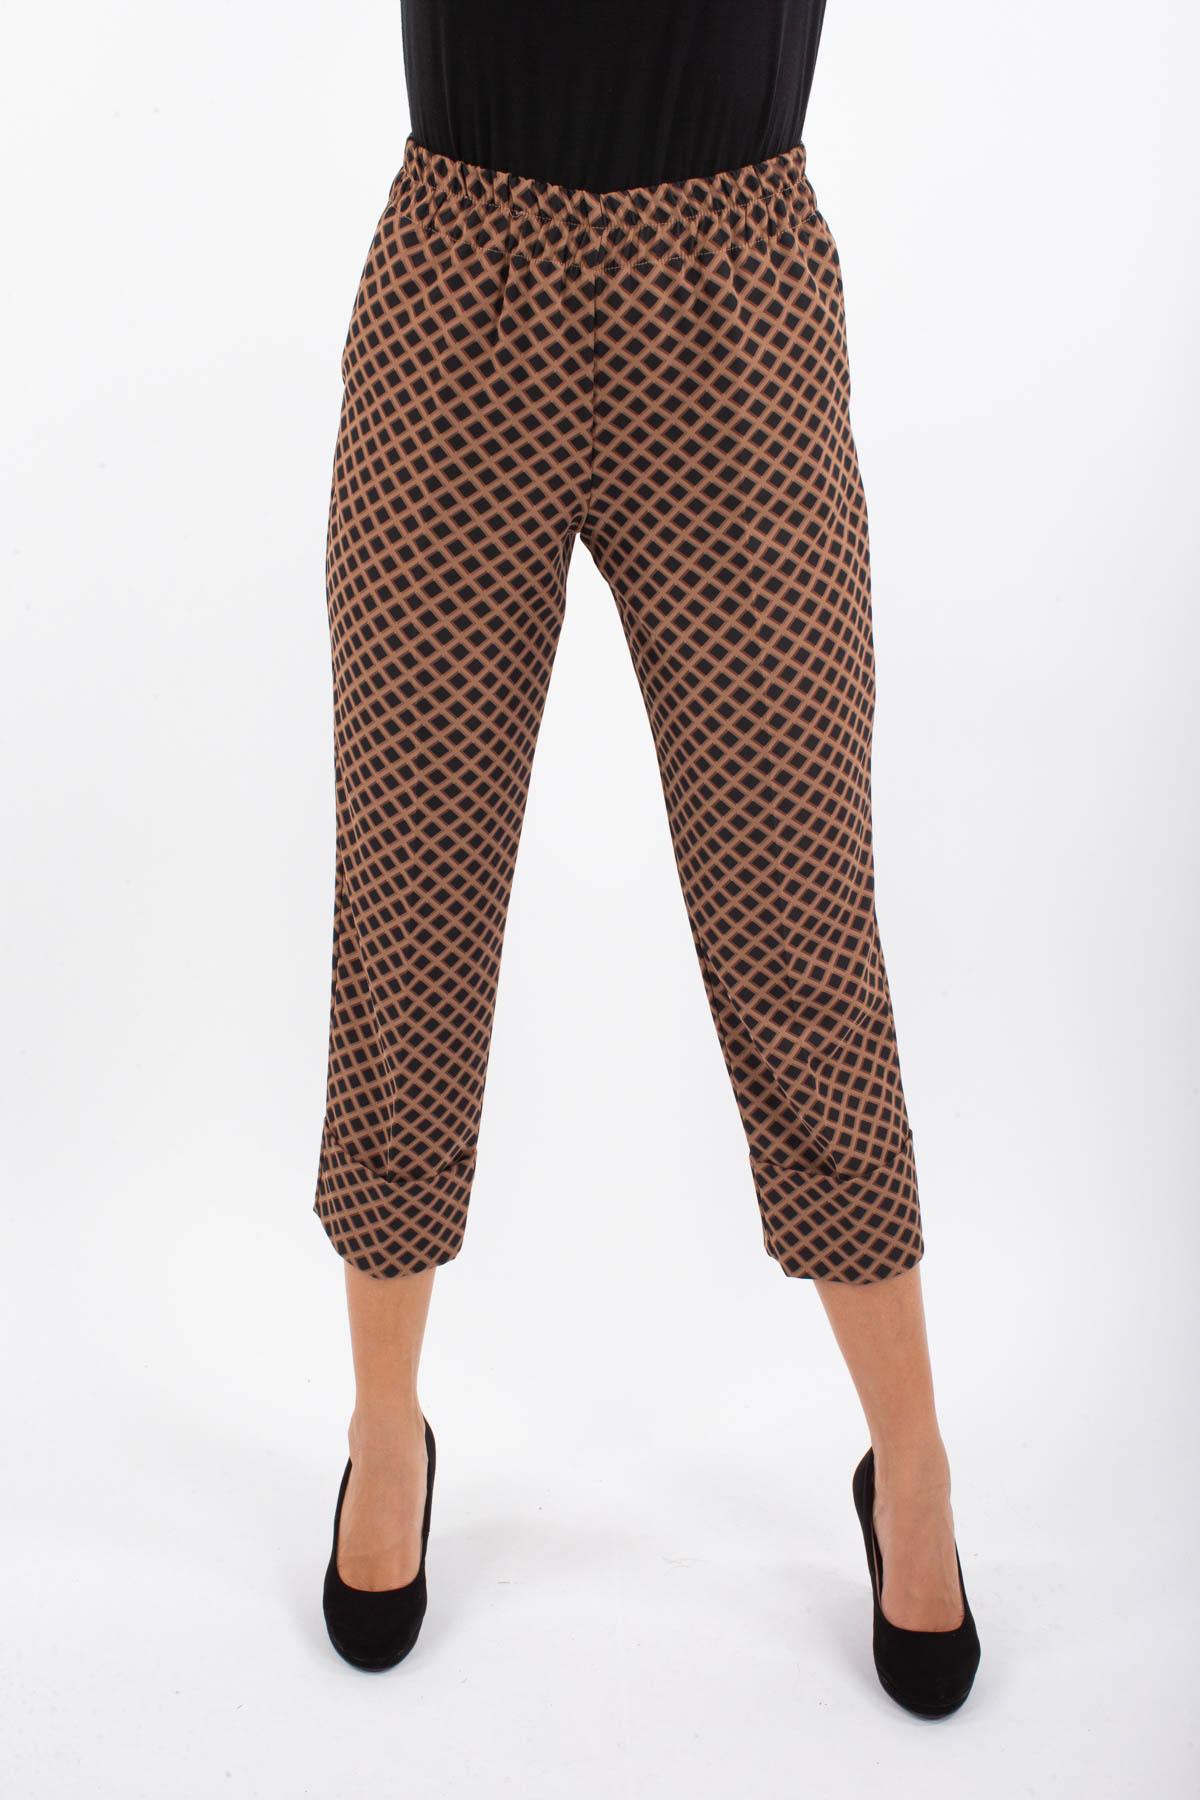 PANTALONE A QUADRI CON RISVOLTO SUL FONDO  for woman - CAMEL - Paquito Pronto Moda Shop Online